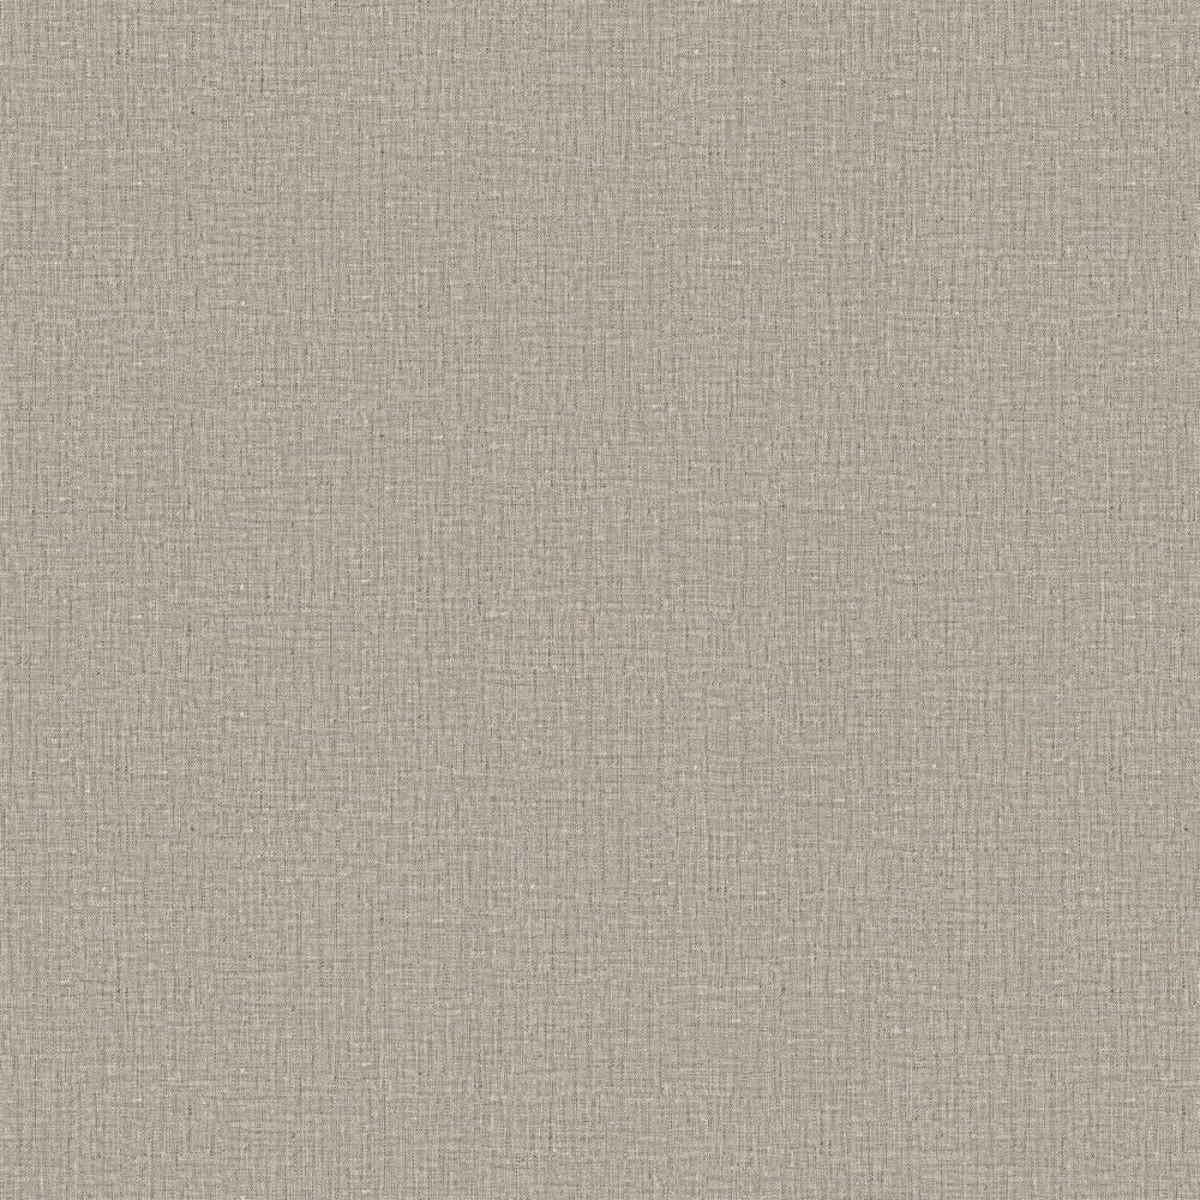 Обои флизелиновые Палитра Seashell коричневые PL71452-88 1.06 м